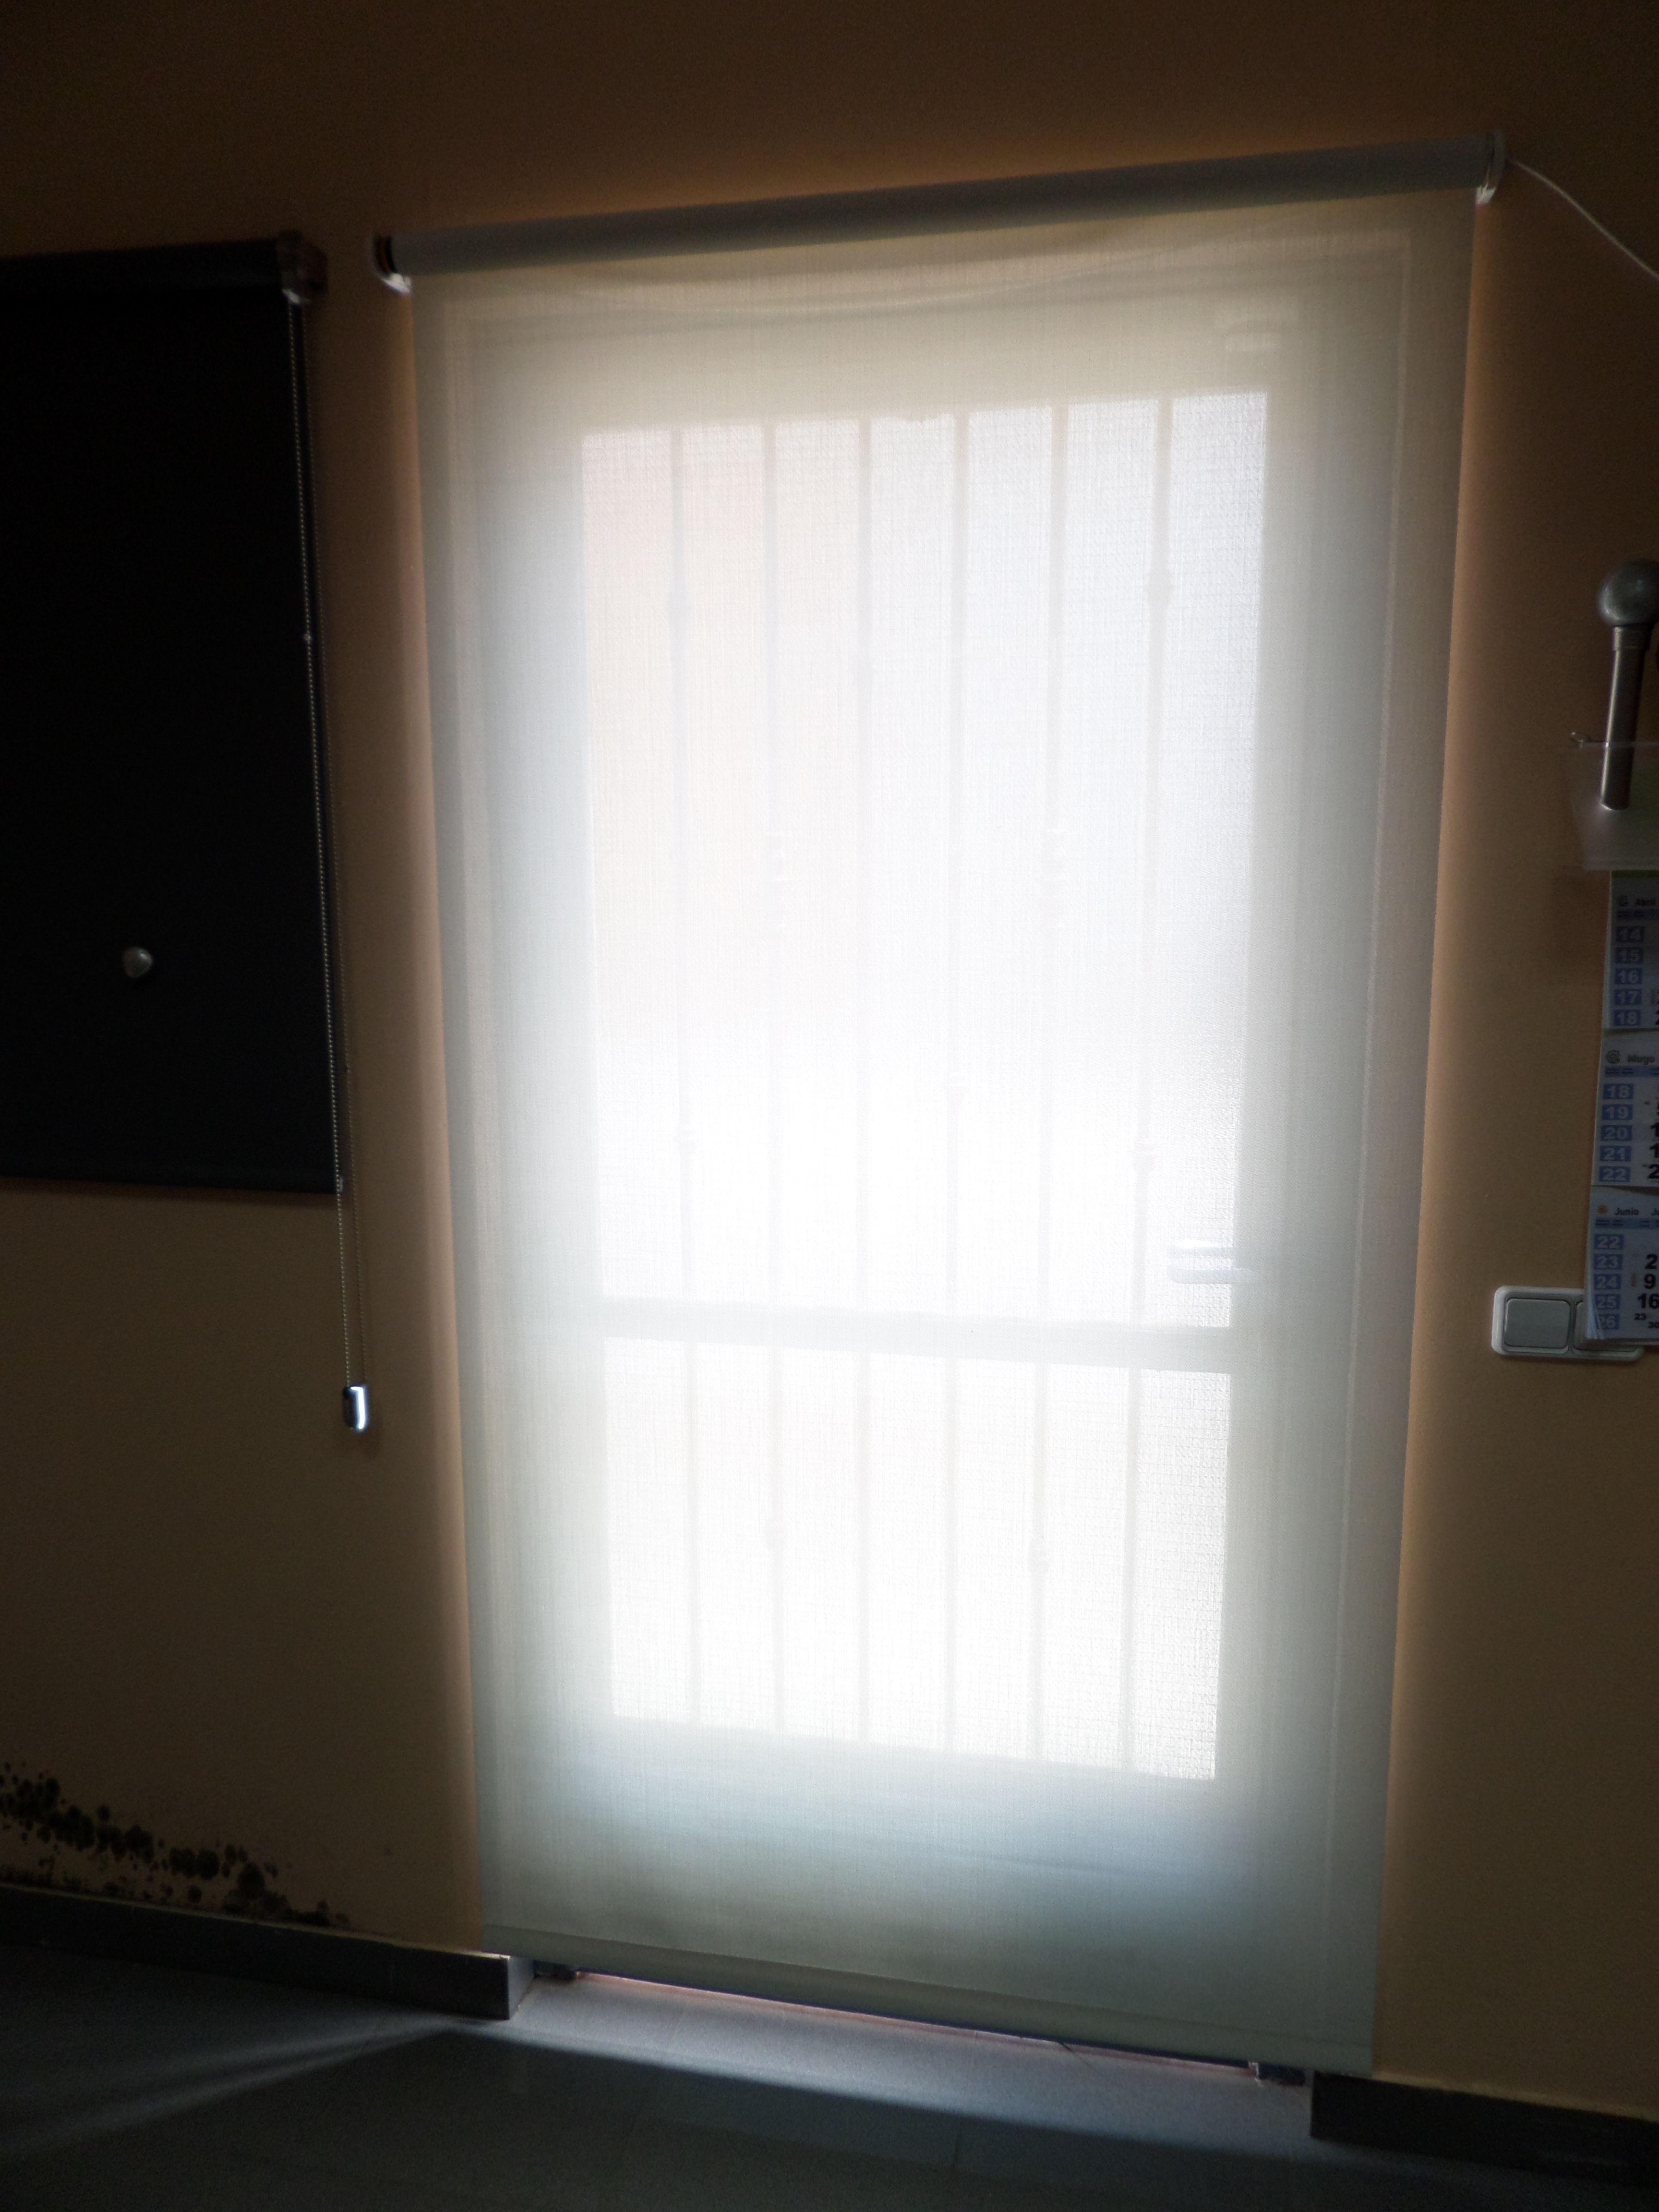 Mayorista distribuidor persianas en Murcia, Mayorista distribuidor persianas en Almería, Mayorista distribuidor de accesorios para cortinas en Murcia, Mayorista distribuidor accesorios para cortinas en Almería, Mayorista distribuidor accesorios cortinas